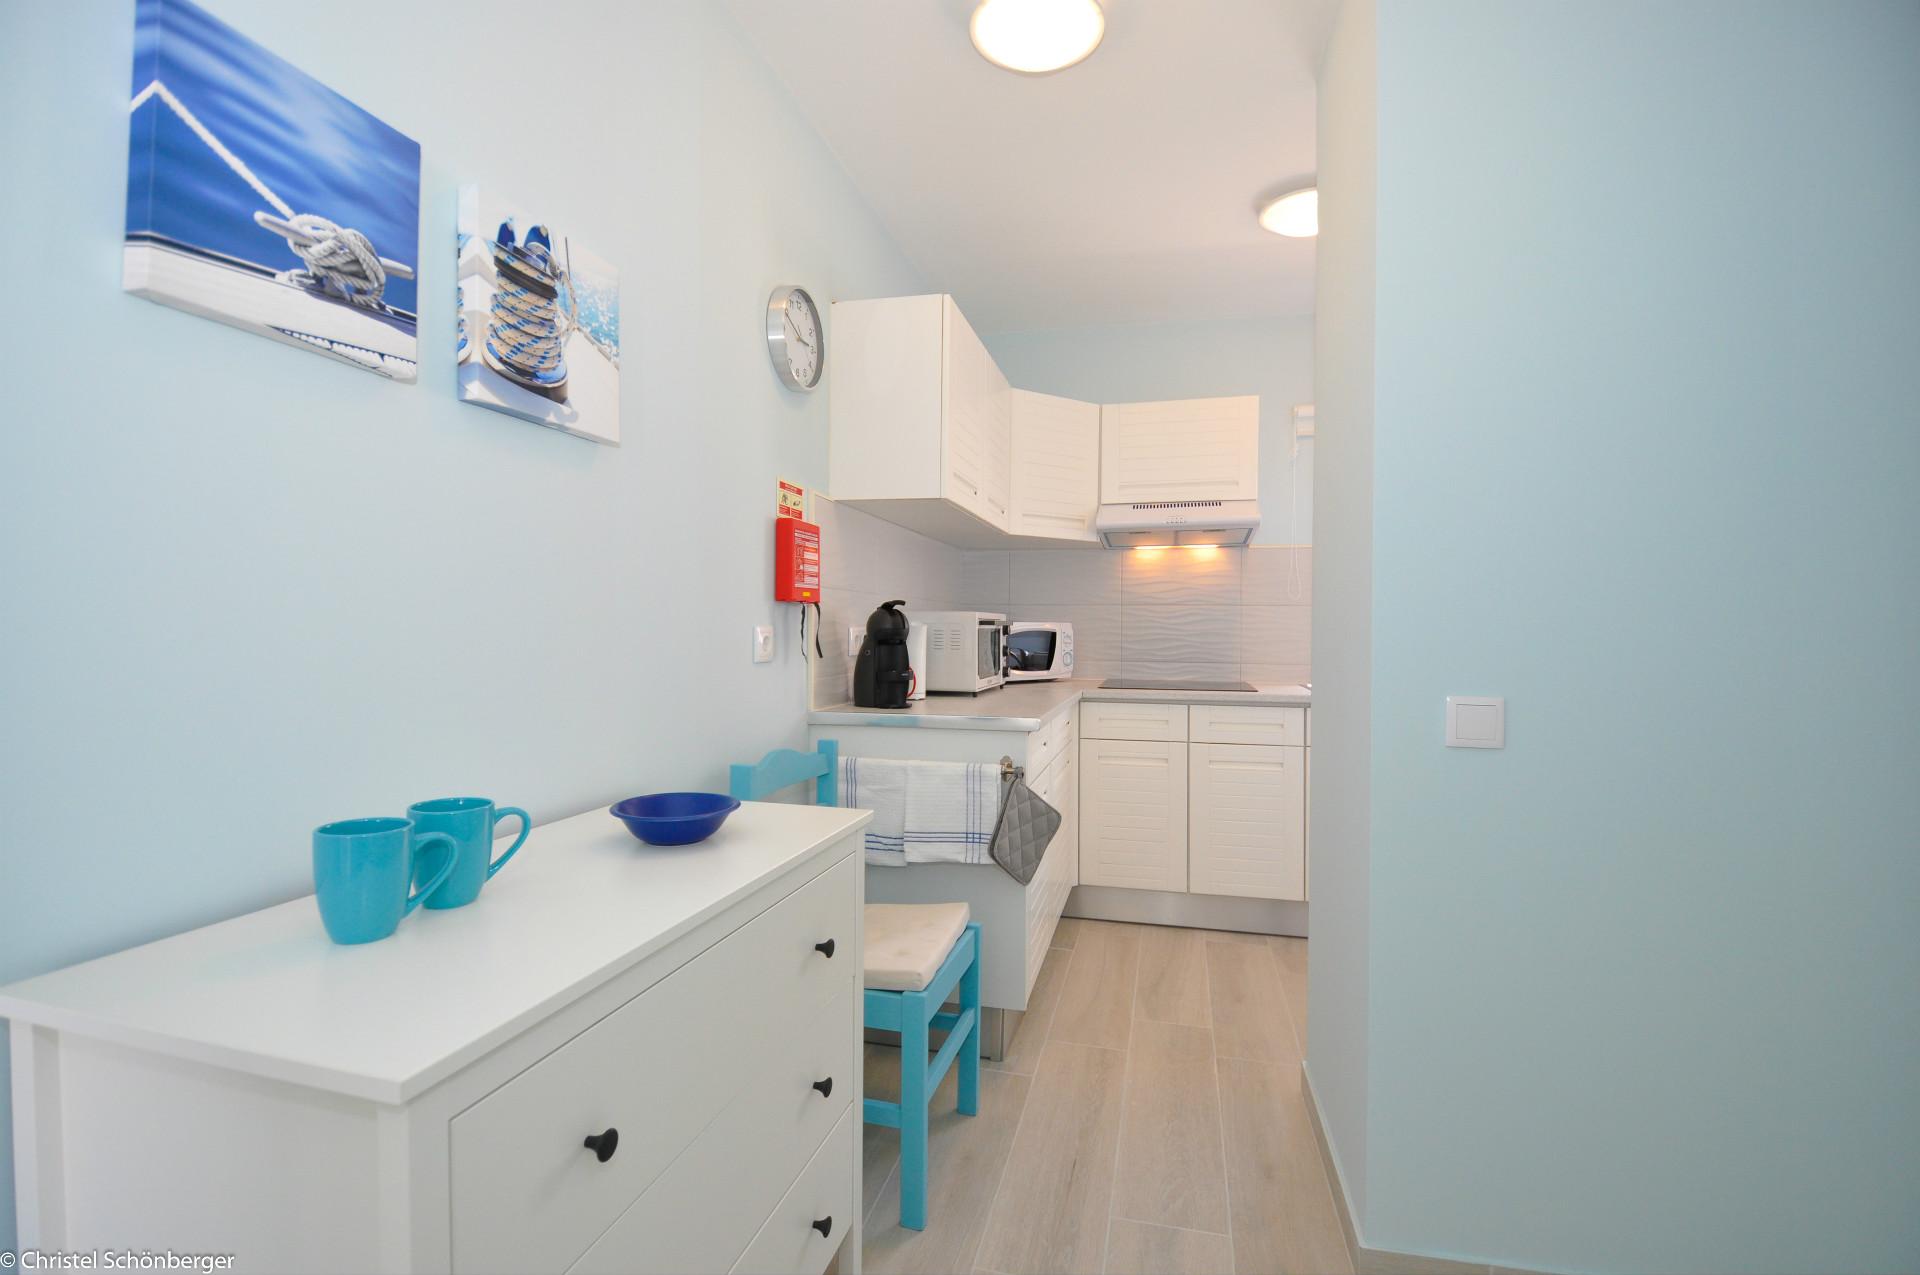 Favoloso appartamento a due passi dalla spiaggia di Praia da Luz